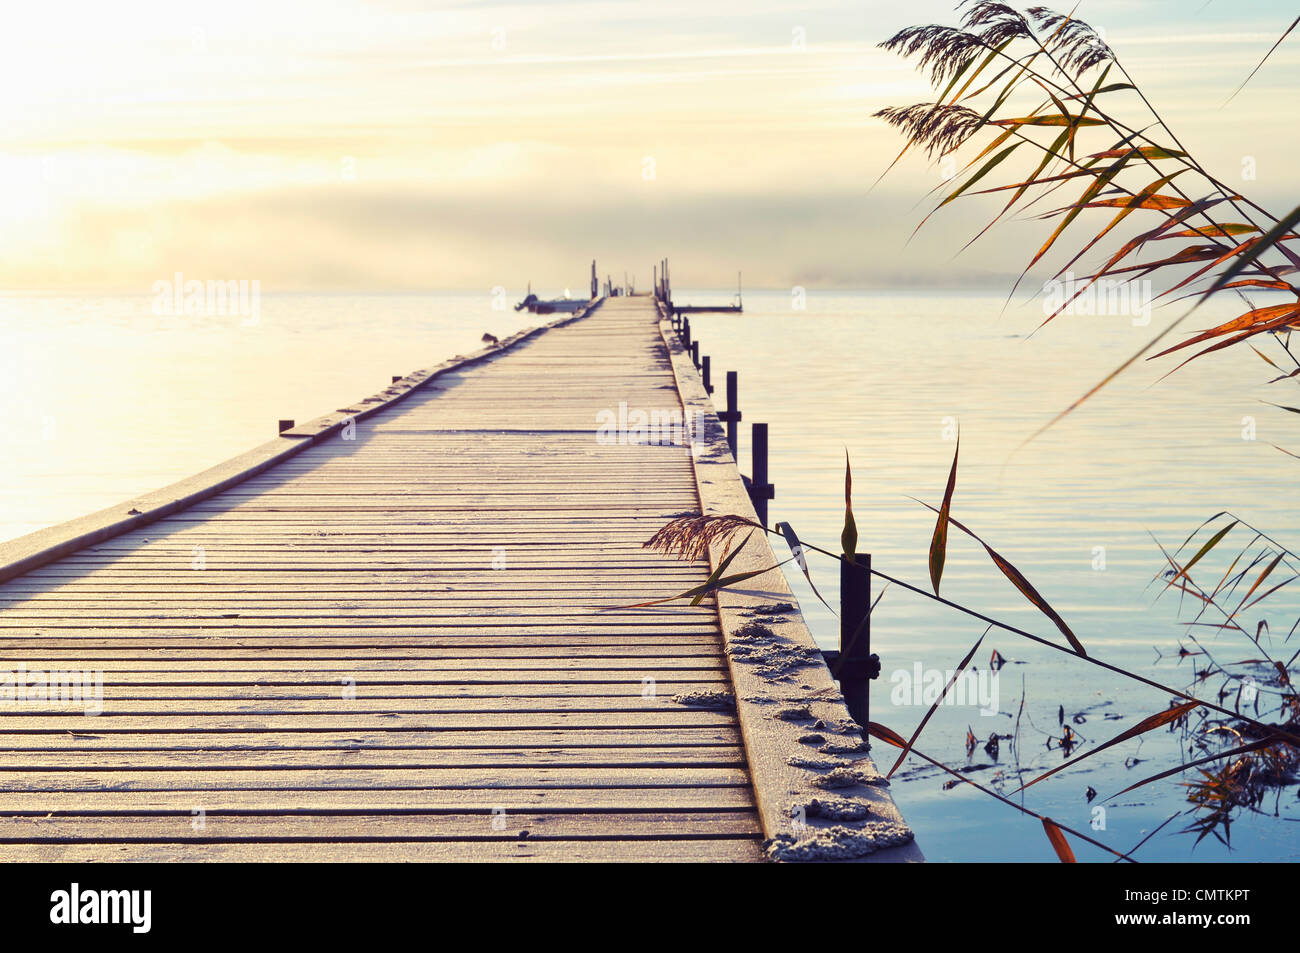 Vue sur paysage côtier et jetty Photo Stock